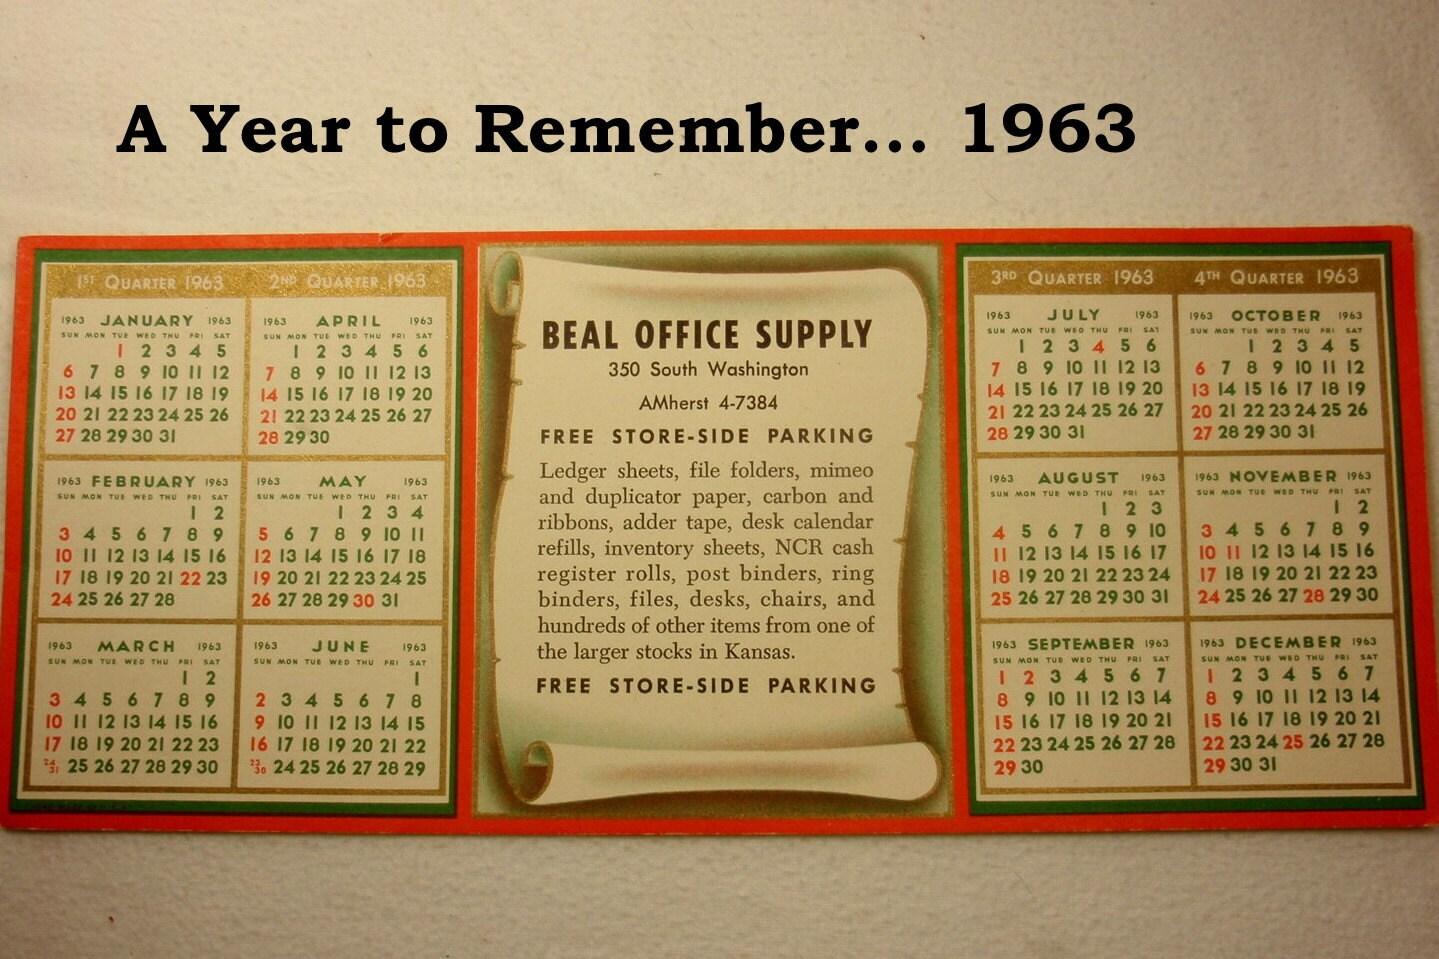 Календарь 1963 года на весь год